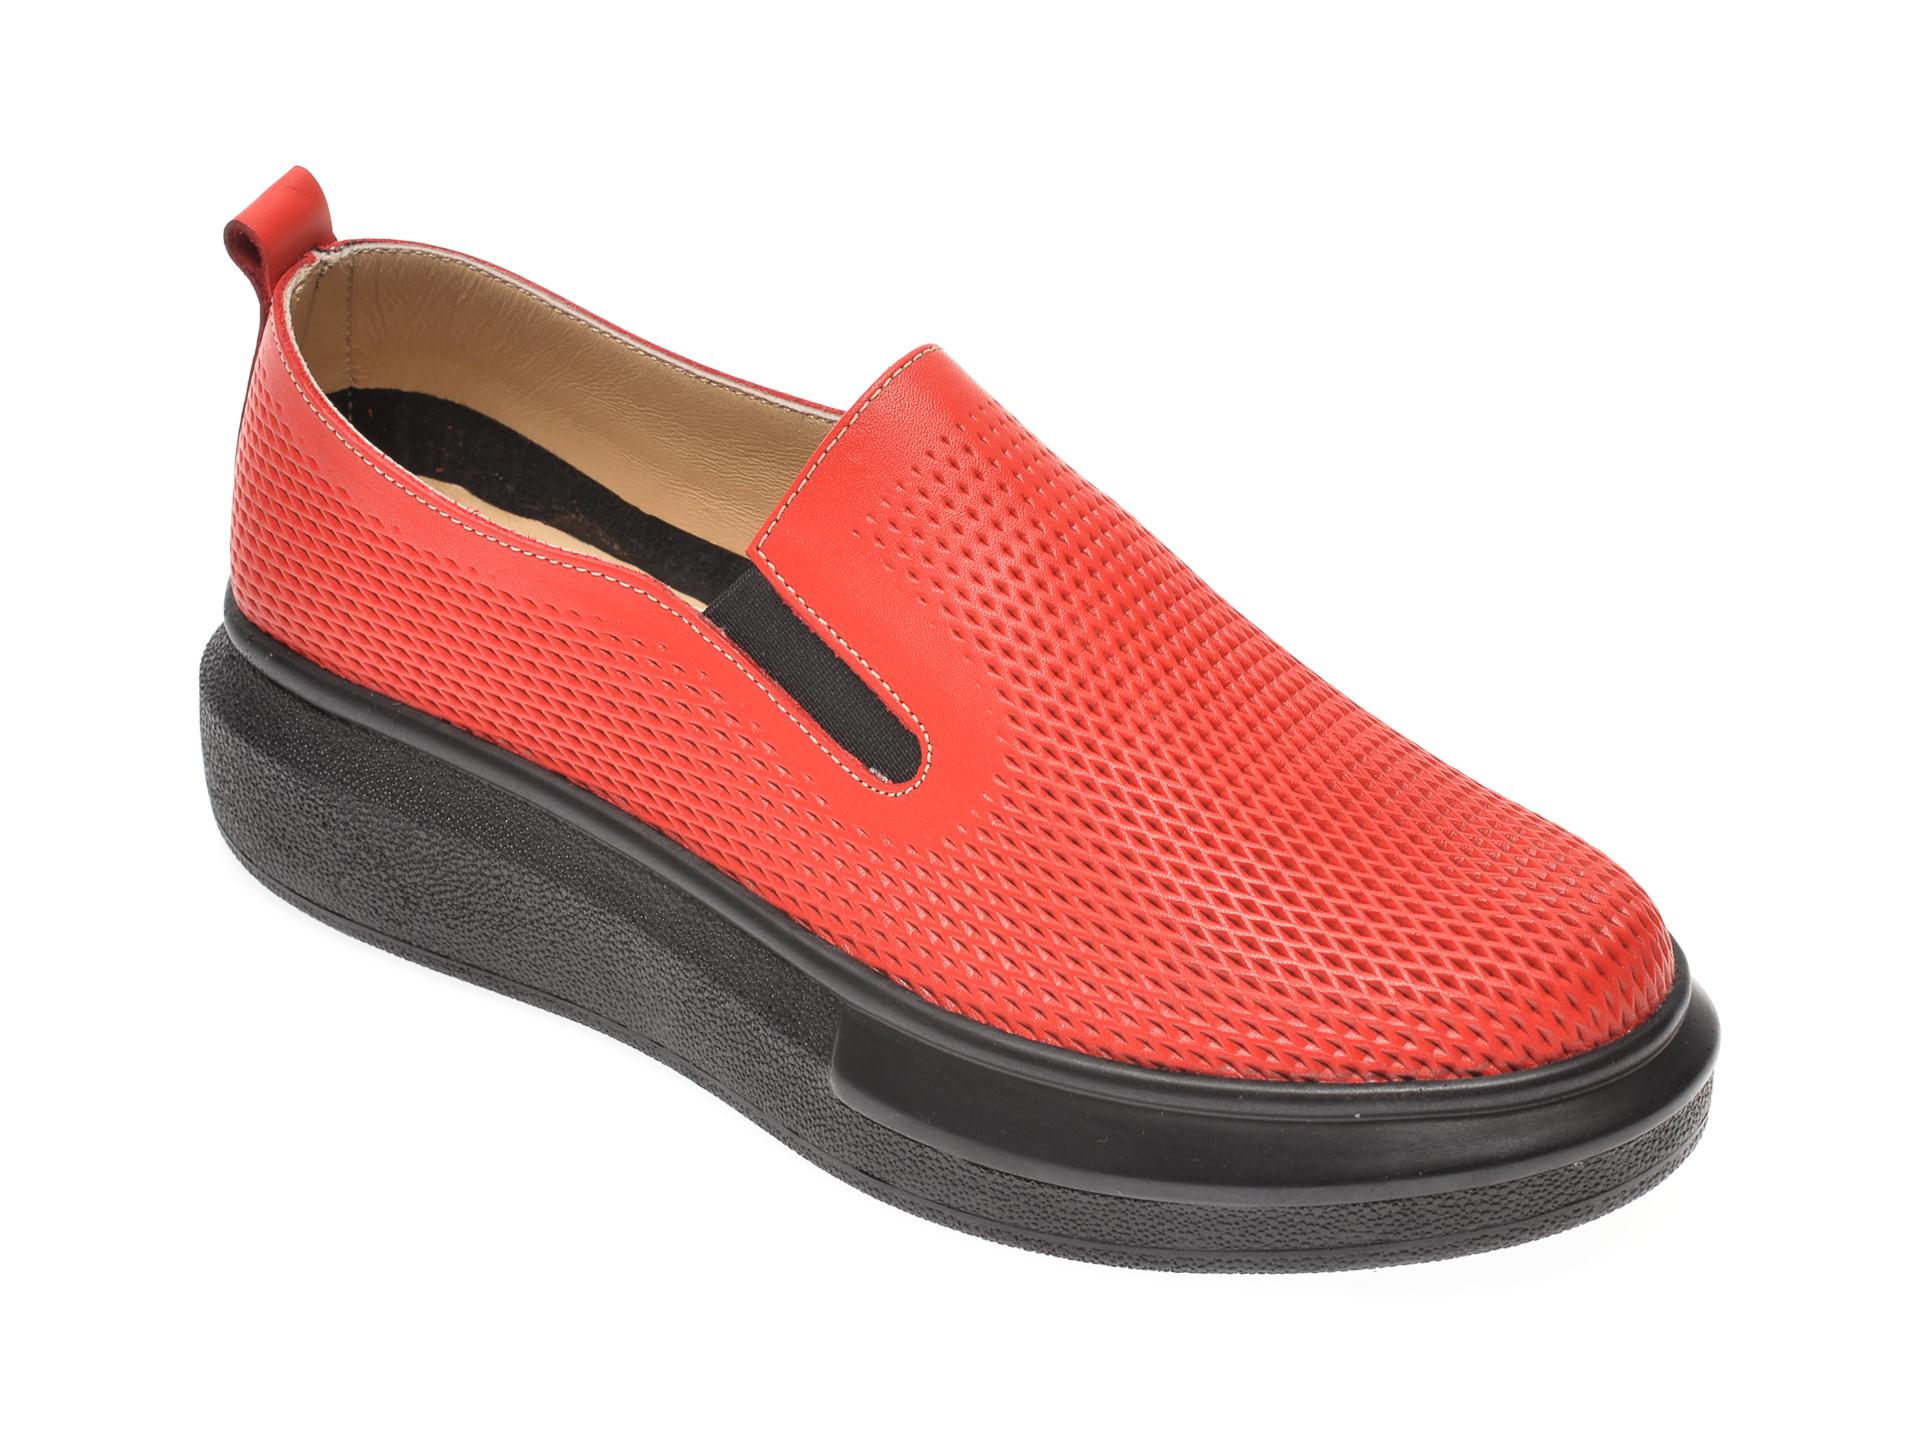 Pantofi PASS COLLECTION rosii, K92102, din piele naturala